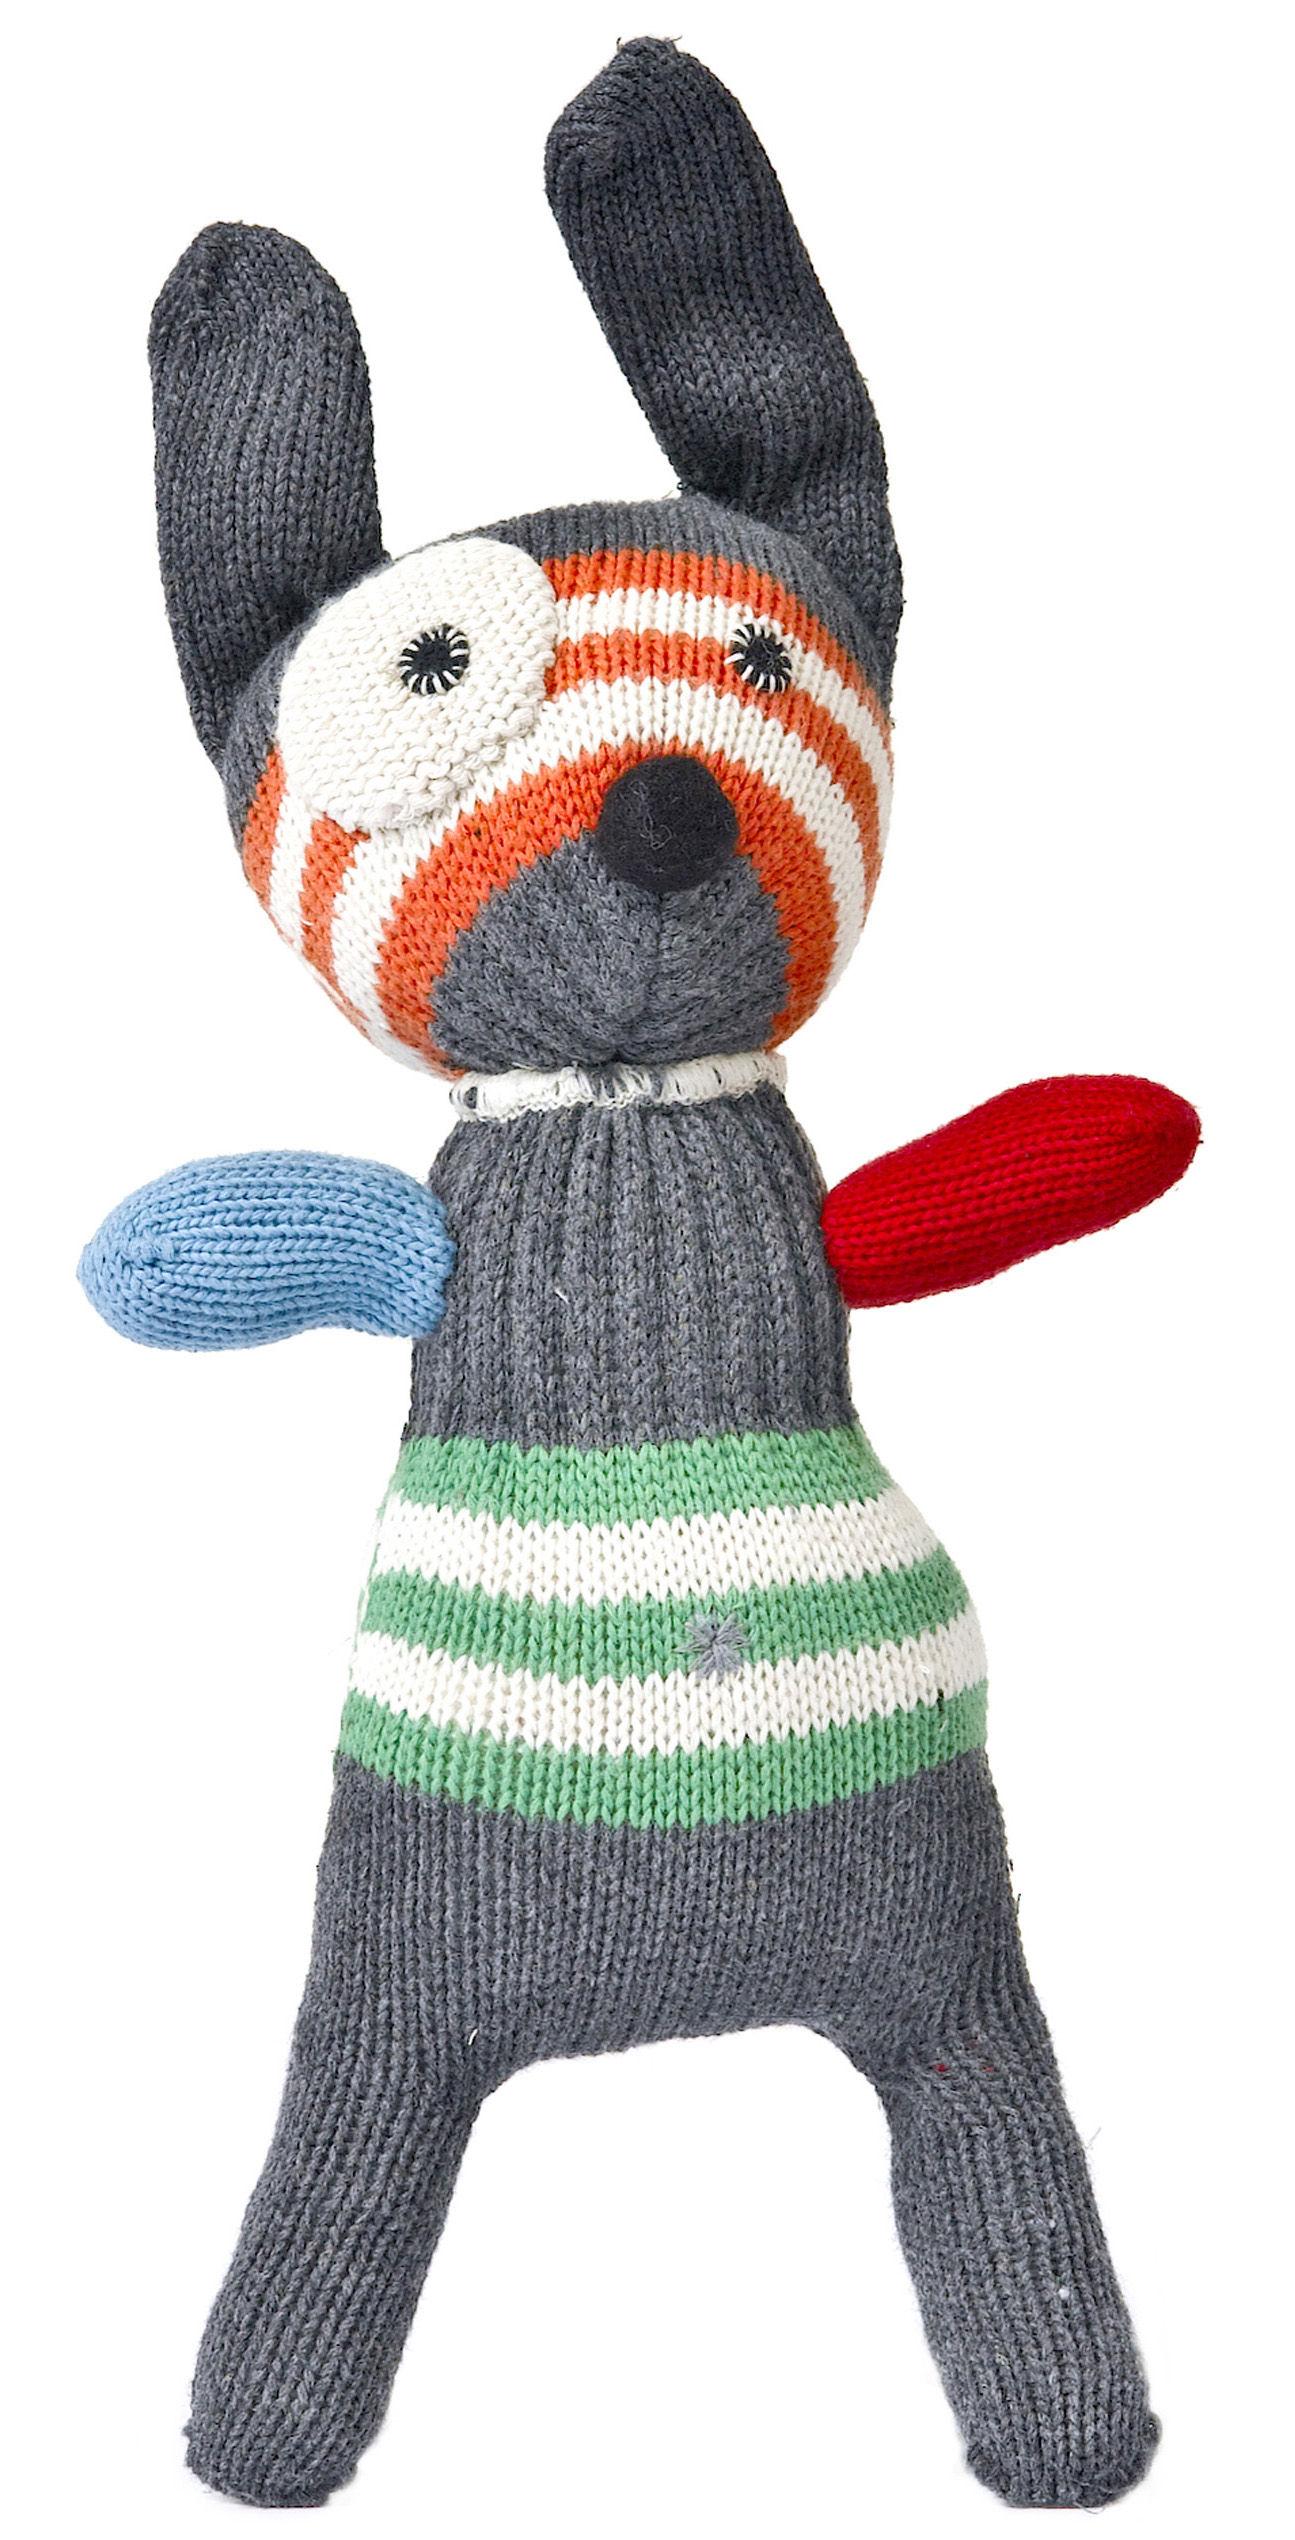 Dekoration - Für Kinder - New small dog Plüsch gehäkelt - Anne-Claire Petit - Mehrfarbig - Baumwolle